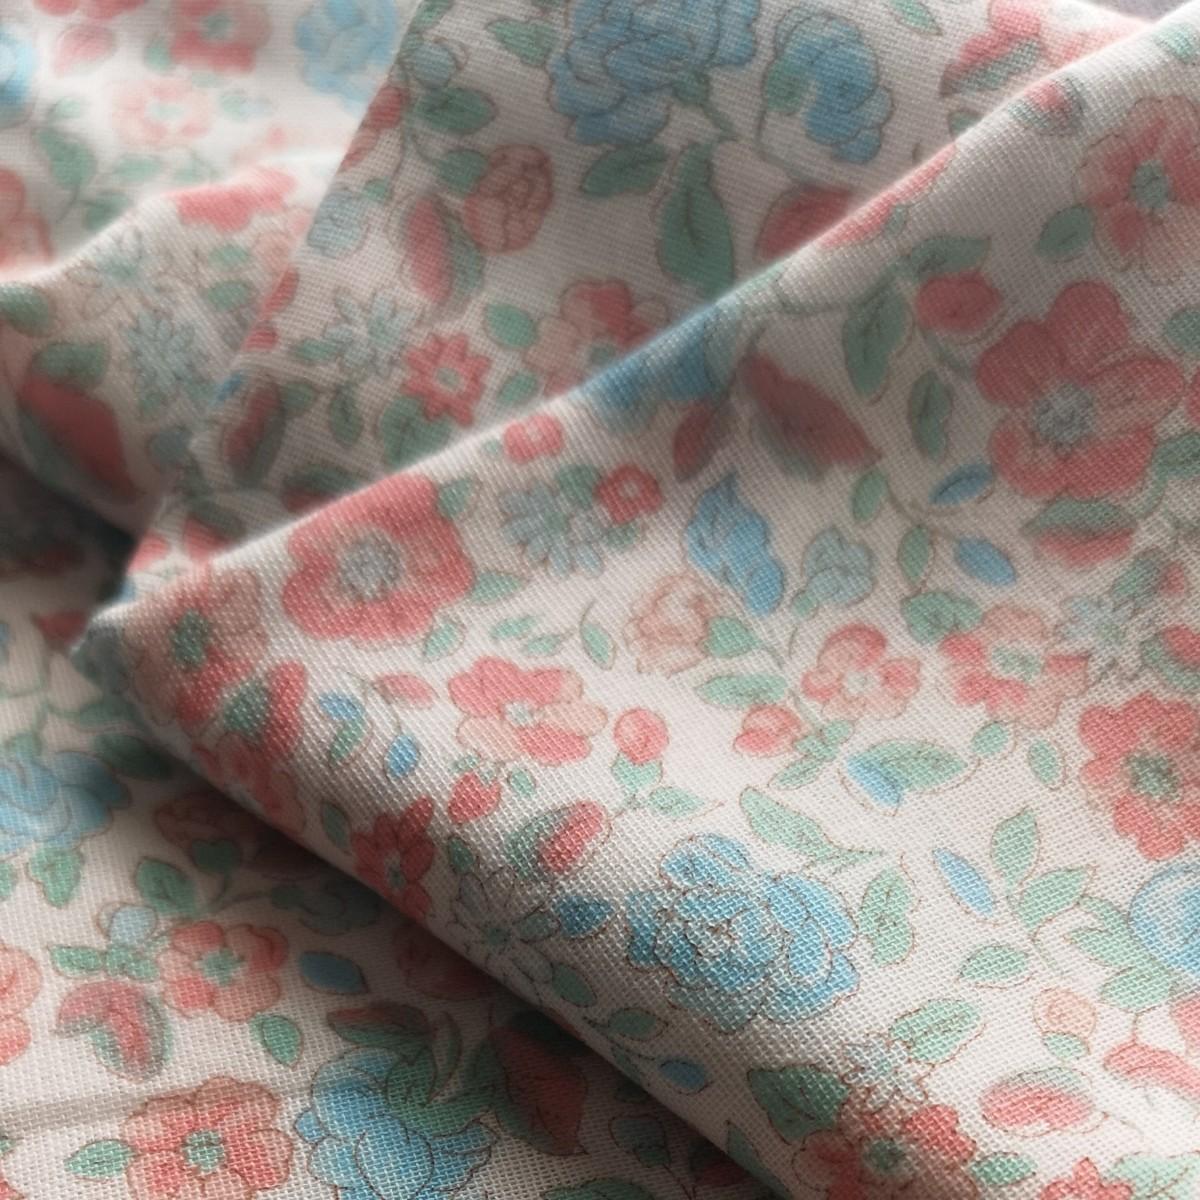 コスモテキスタイル ダブルガーゼ 小花柄 約110×50cm